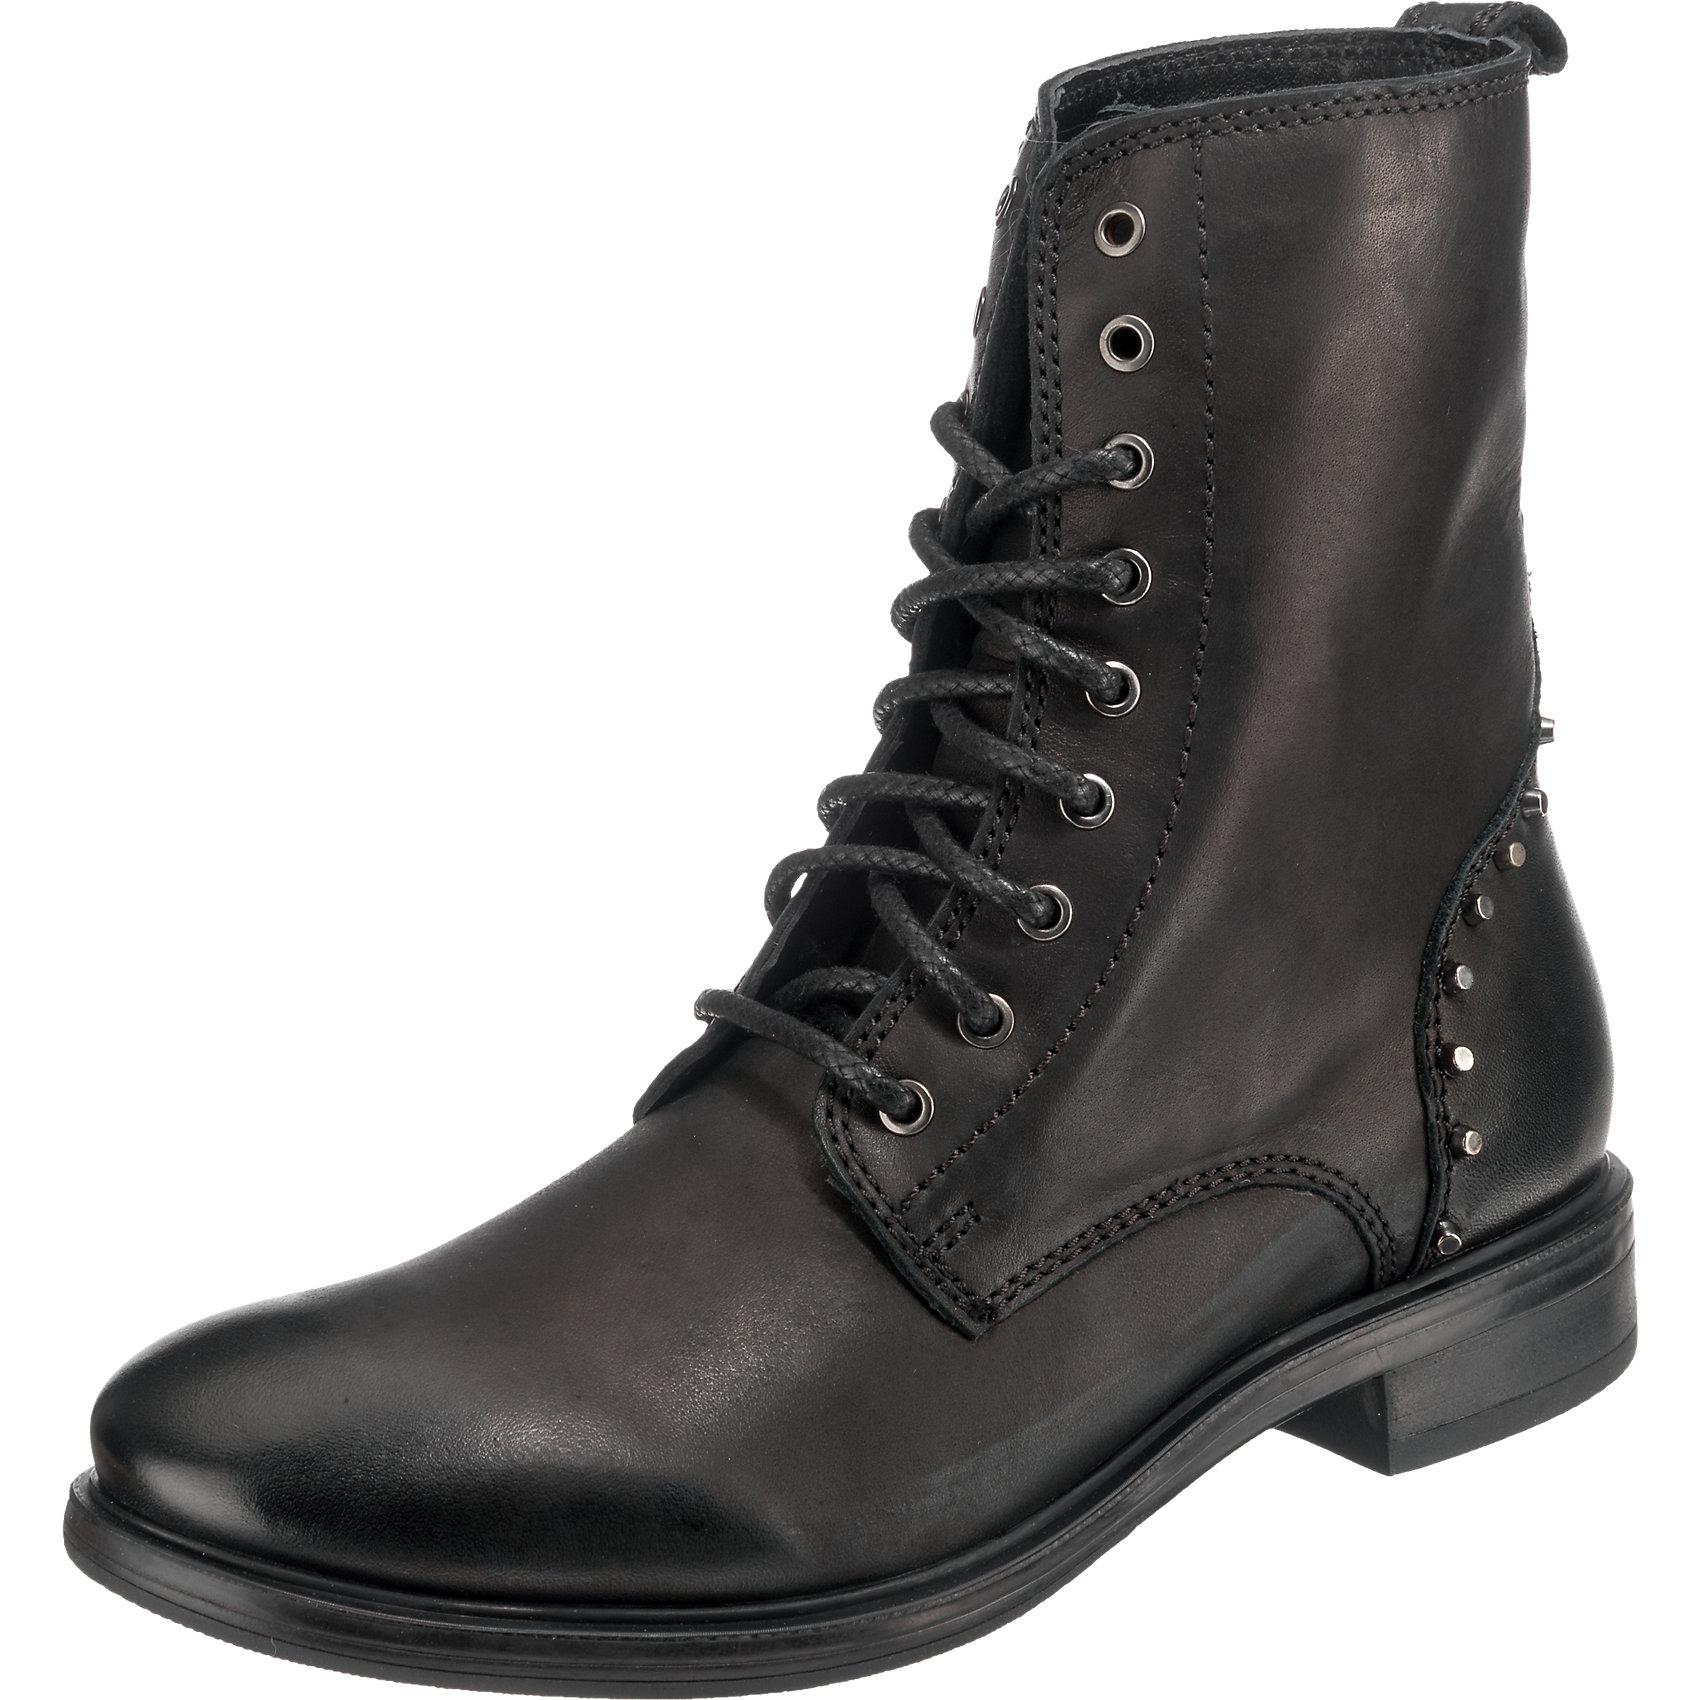 Neu INUOVO Stiefeletten für 7005255 für Stiefeletten Damen schwarz b0b1f8